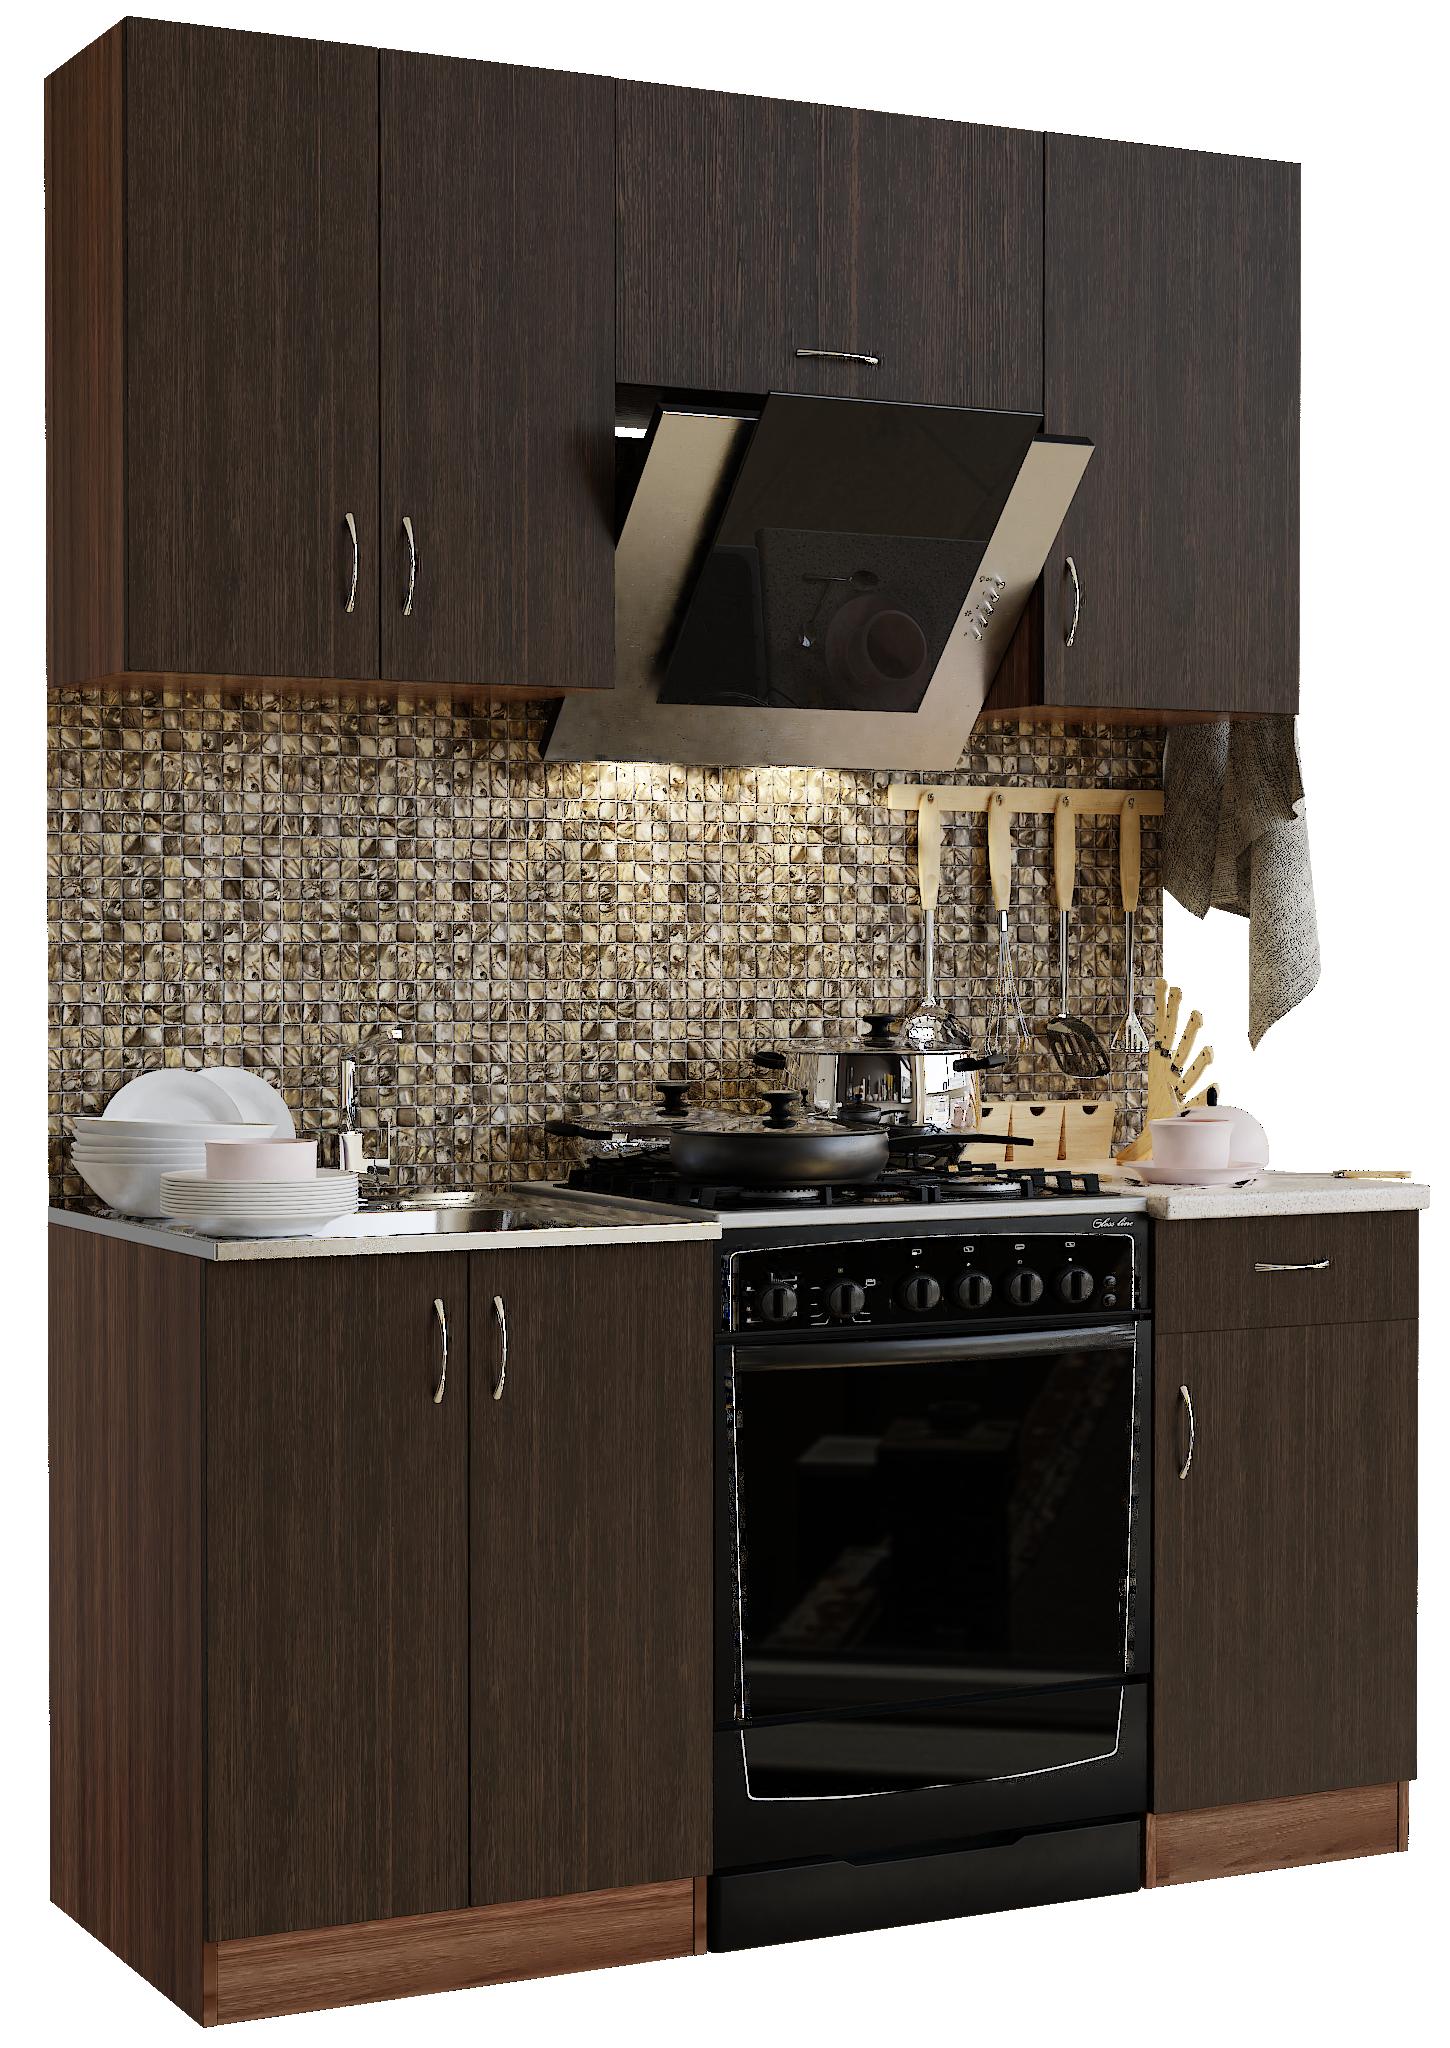 Кухонный гарнитур Sanvut ГК1600 - 2.3.2 Ясень шимо темный / Венге